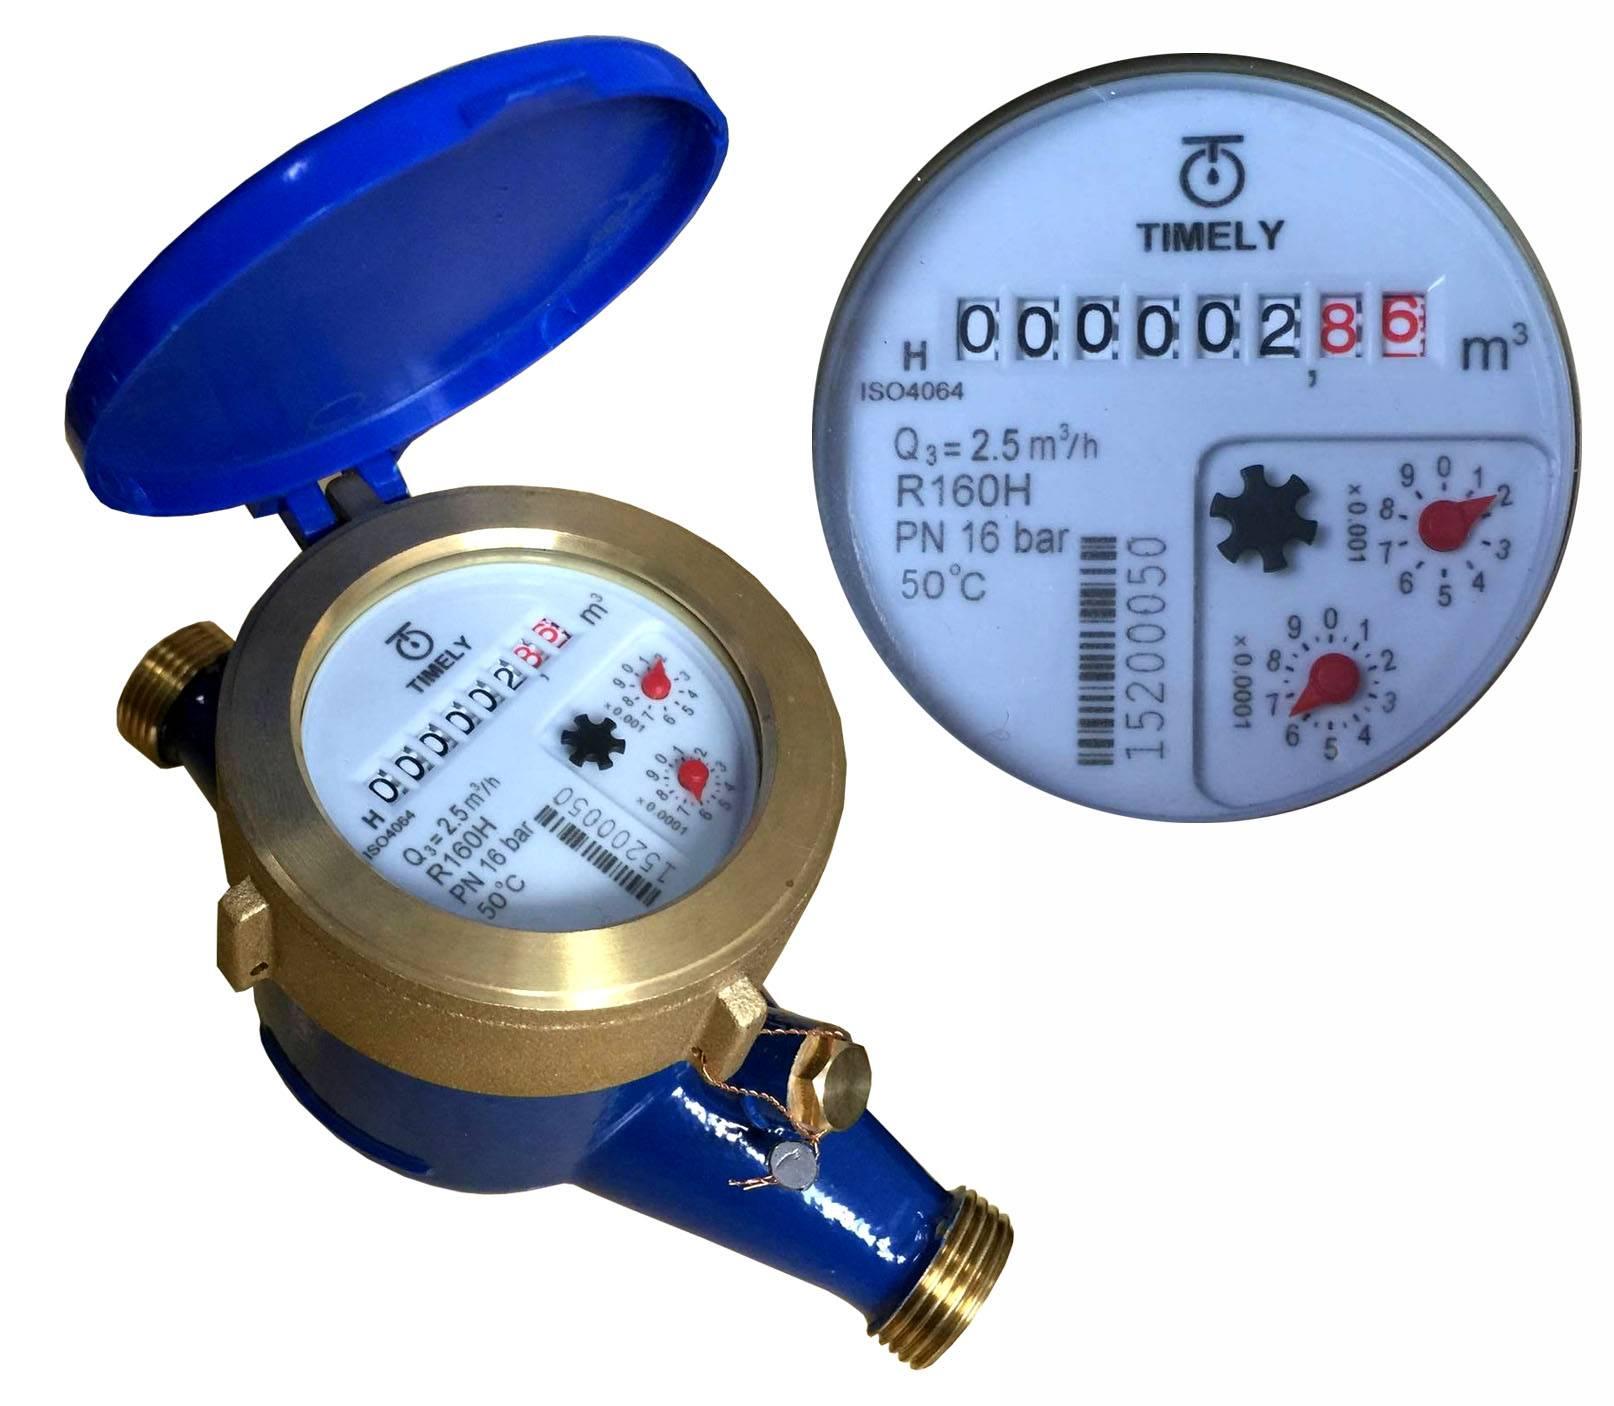 R160 multijet dry type meter